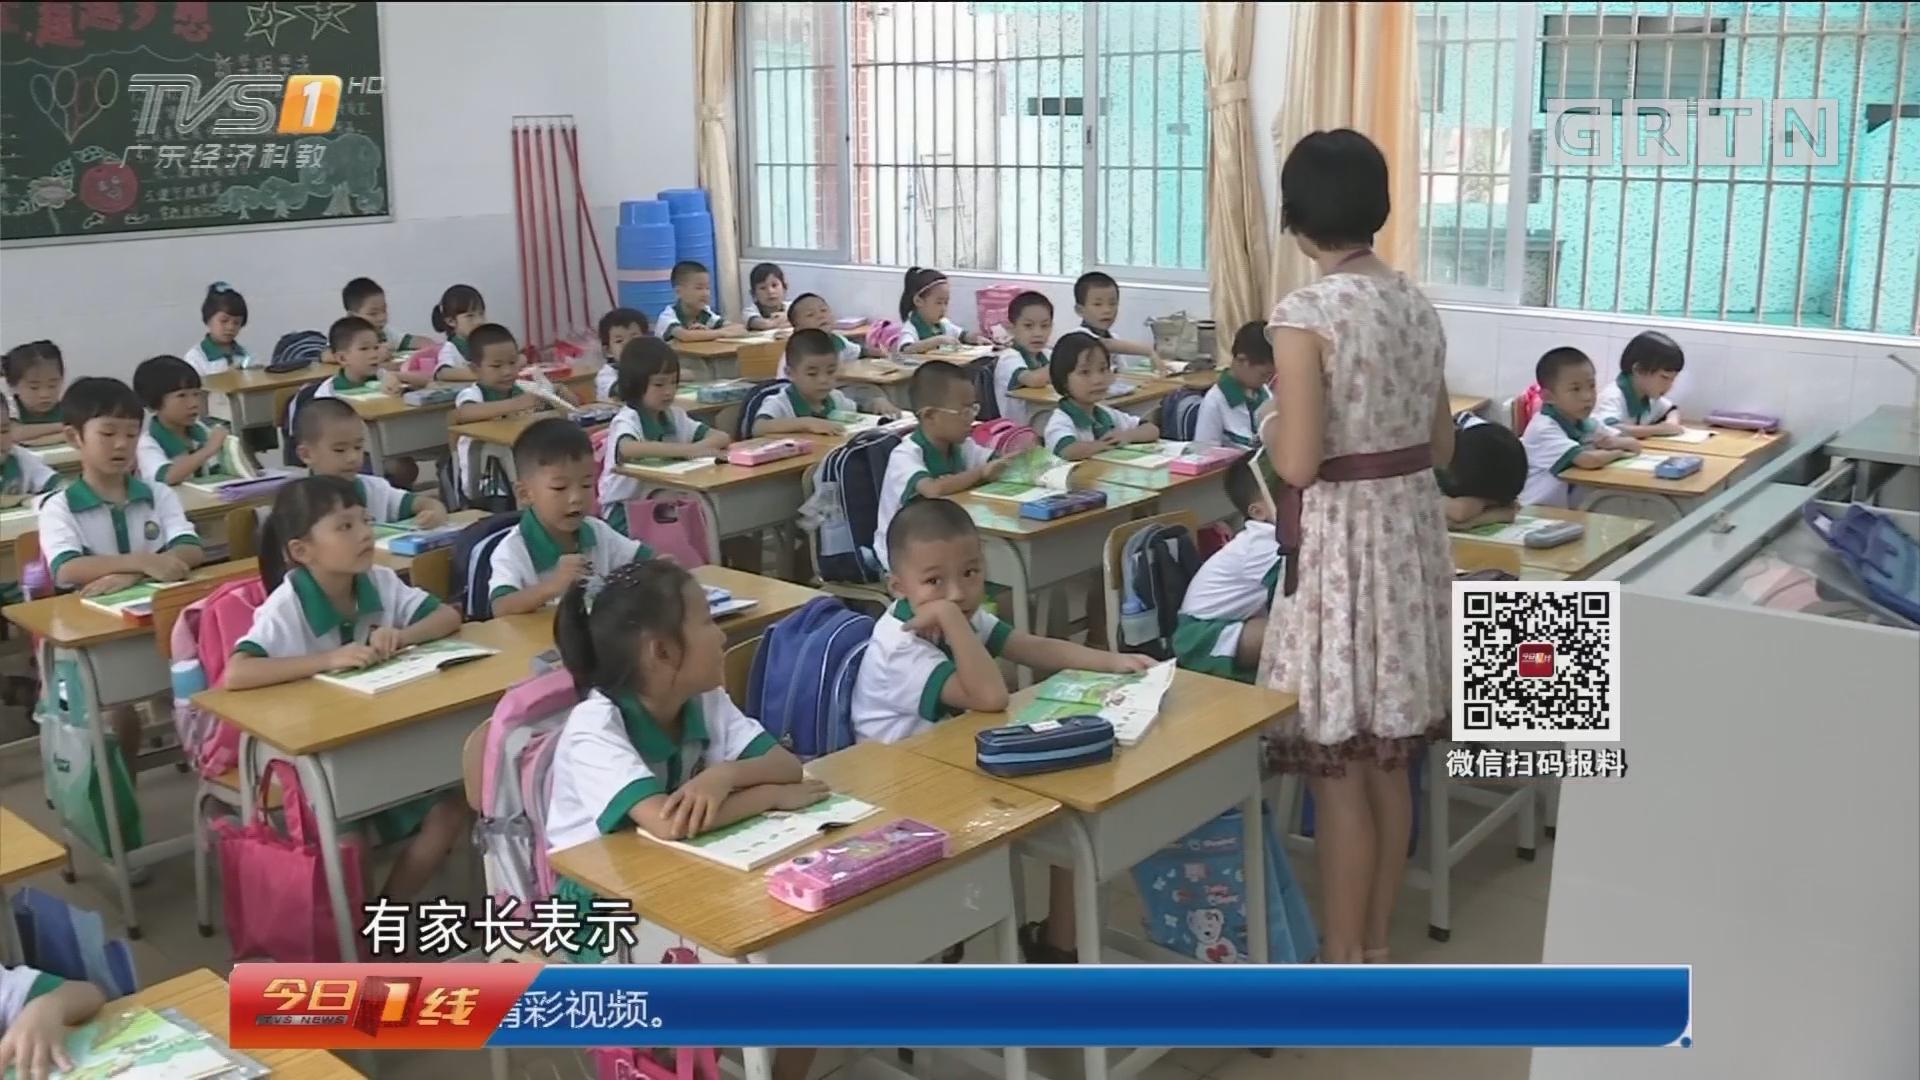 课后托管:广州越秀20所小学推行课后校内托管